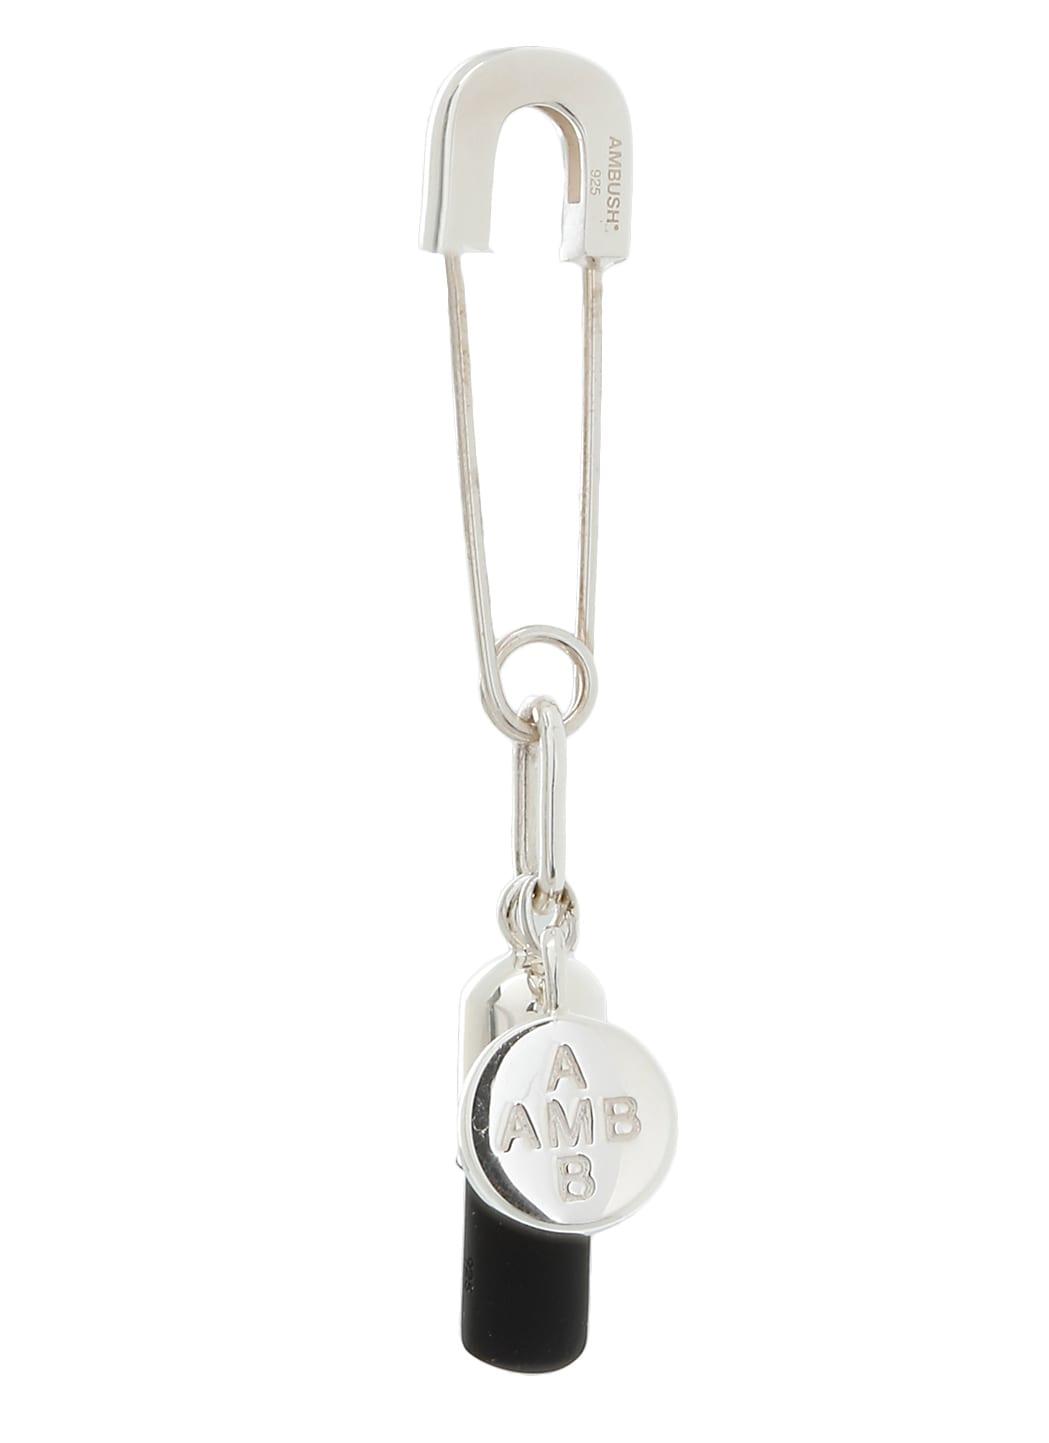 AMBUSH Pill Safety Pin Earring